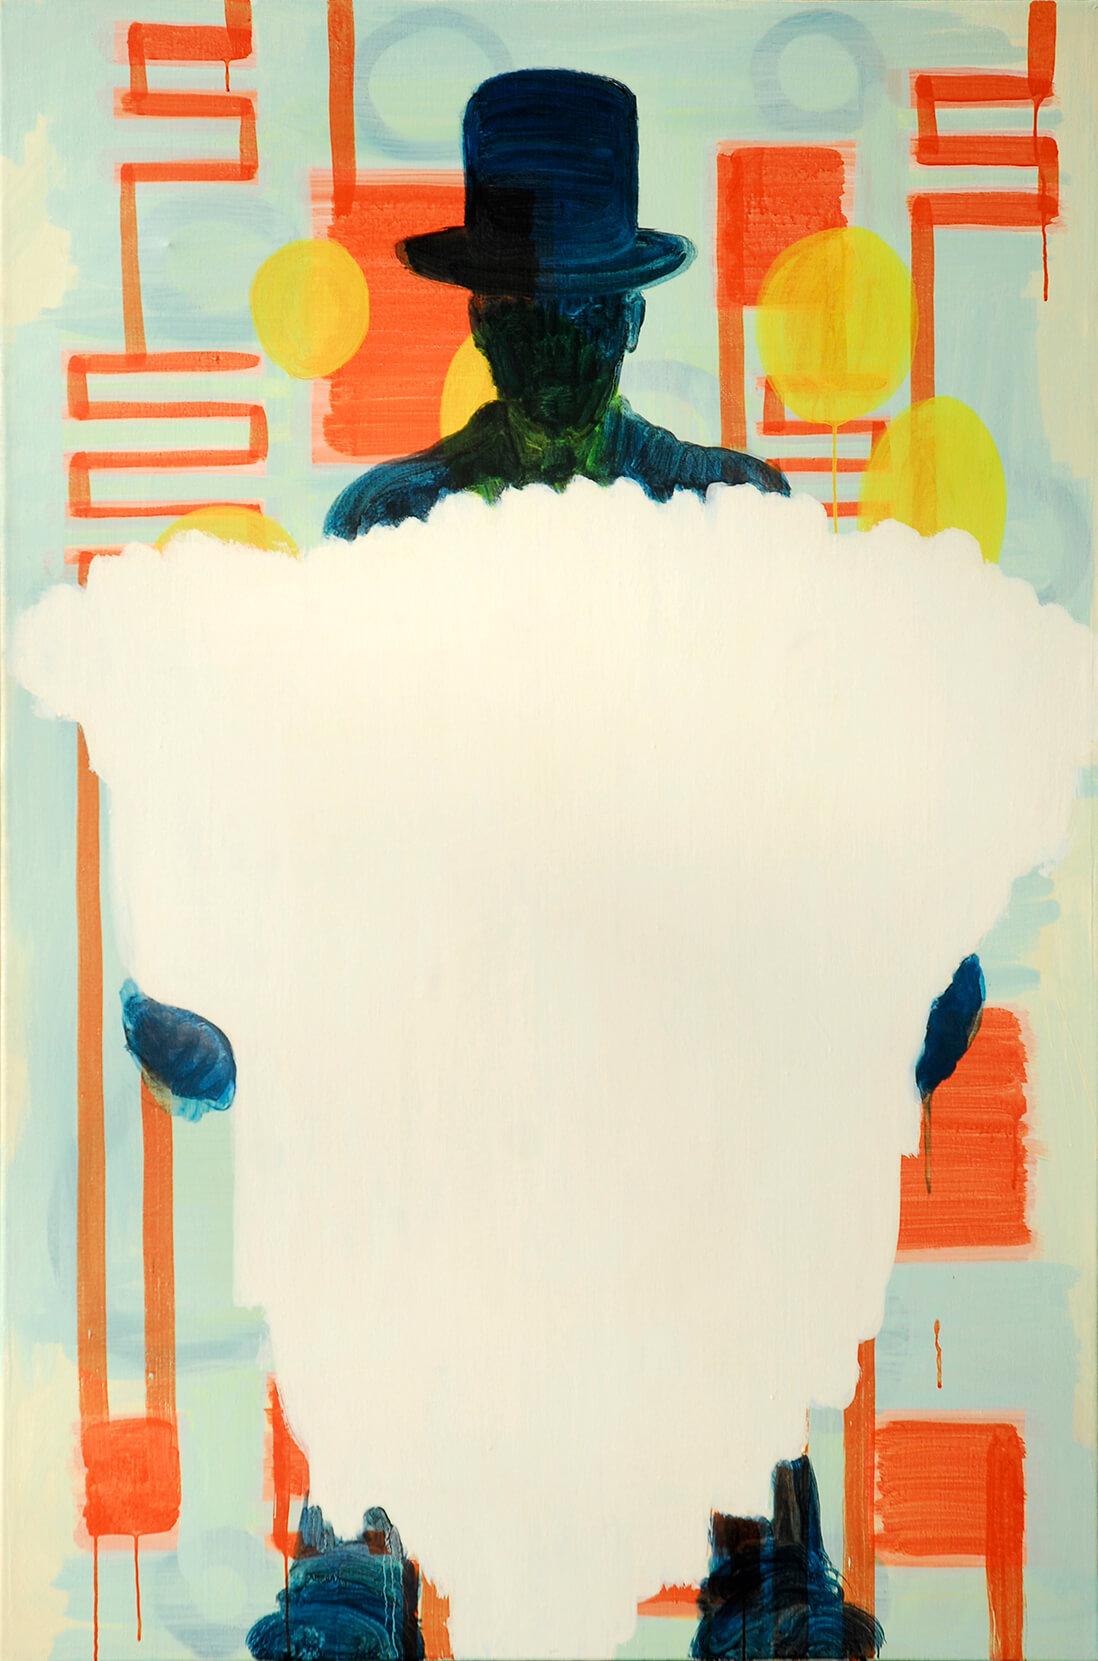 untitled (mago con nada), 150 x 100 cm, egg tempera on canvas, 2008